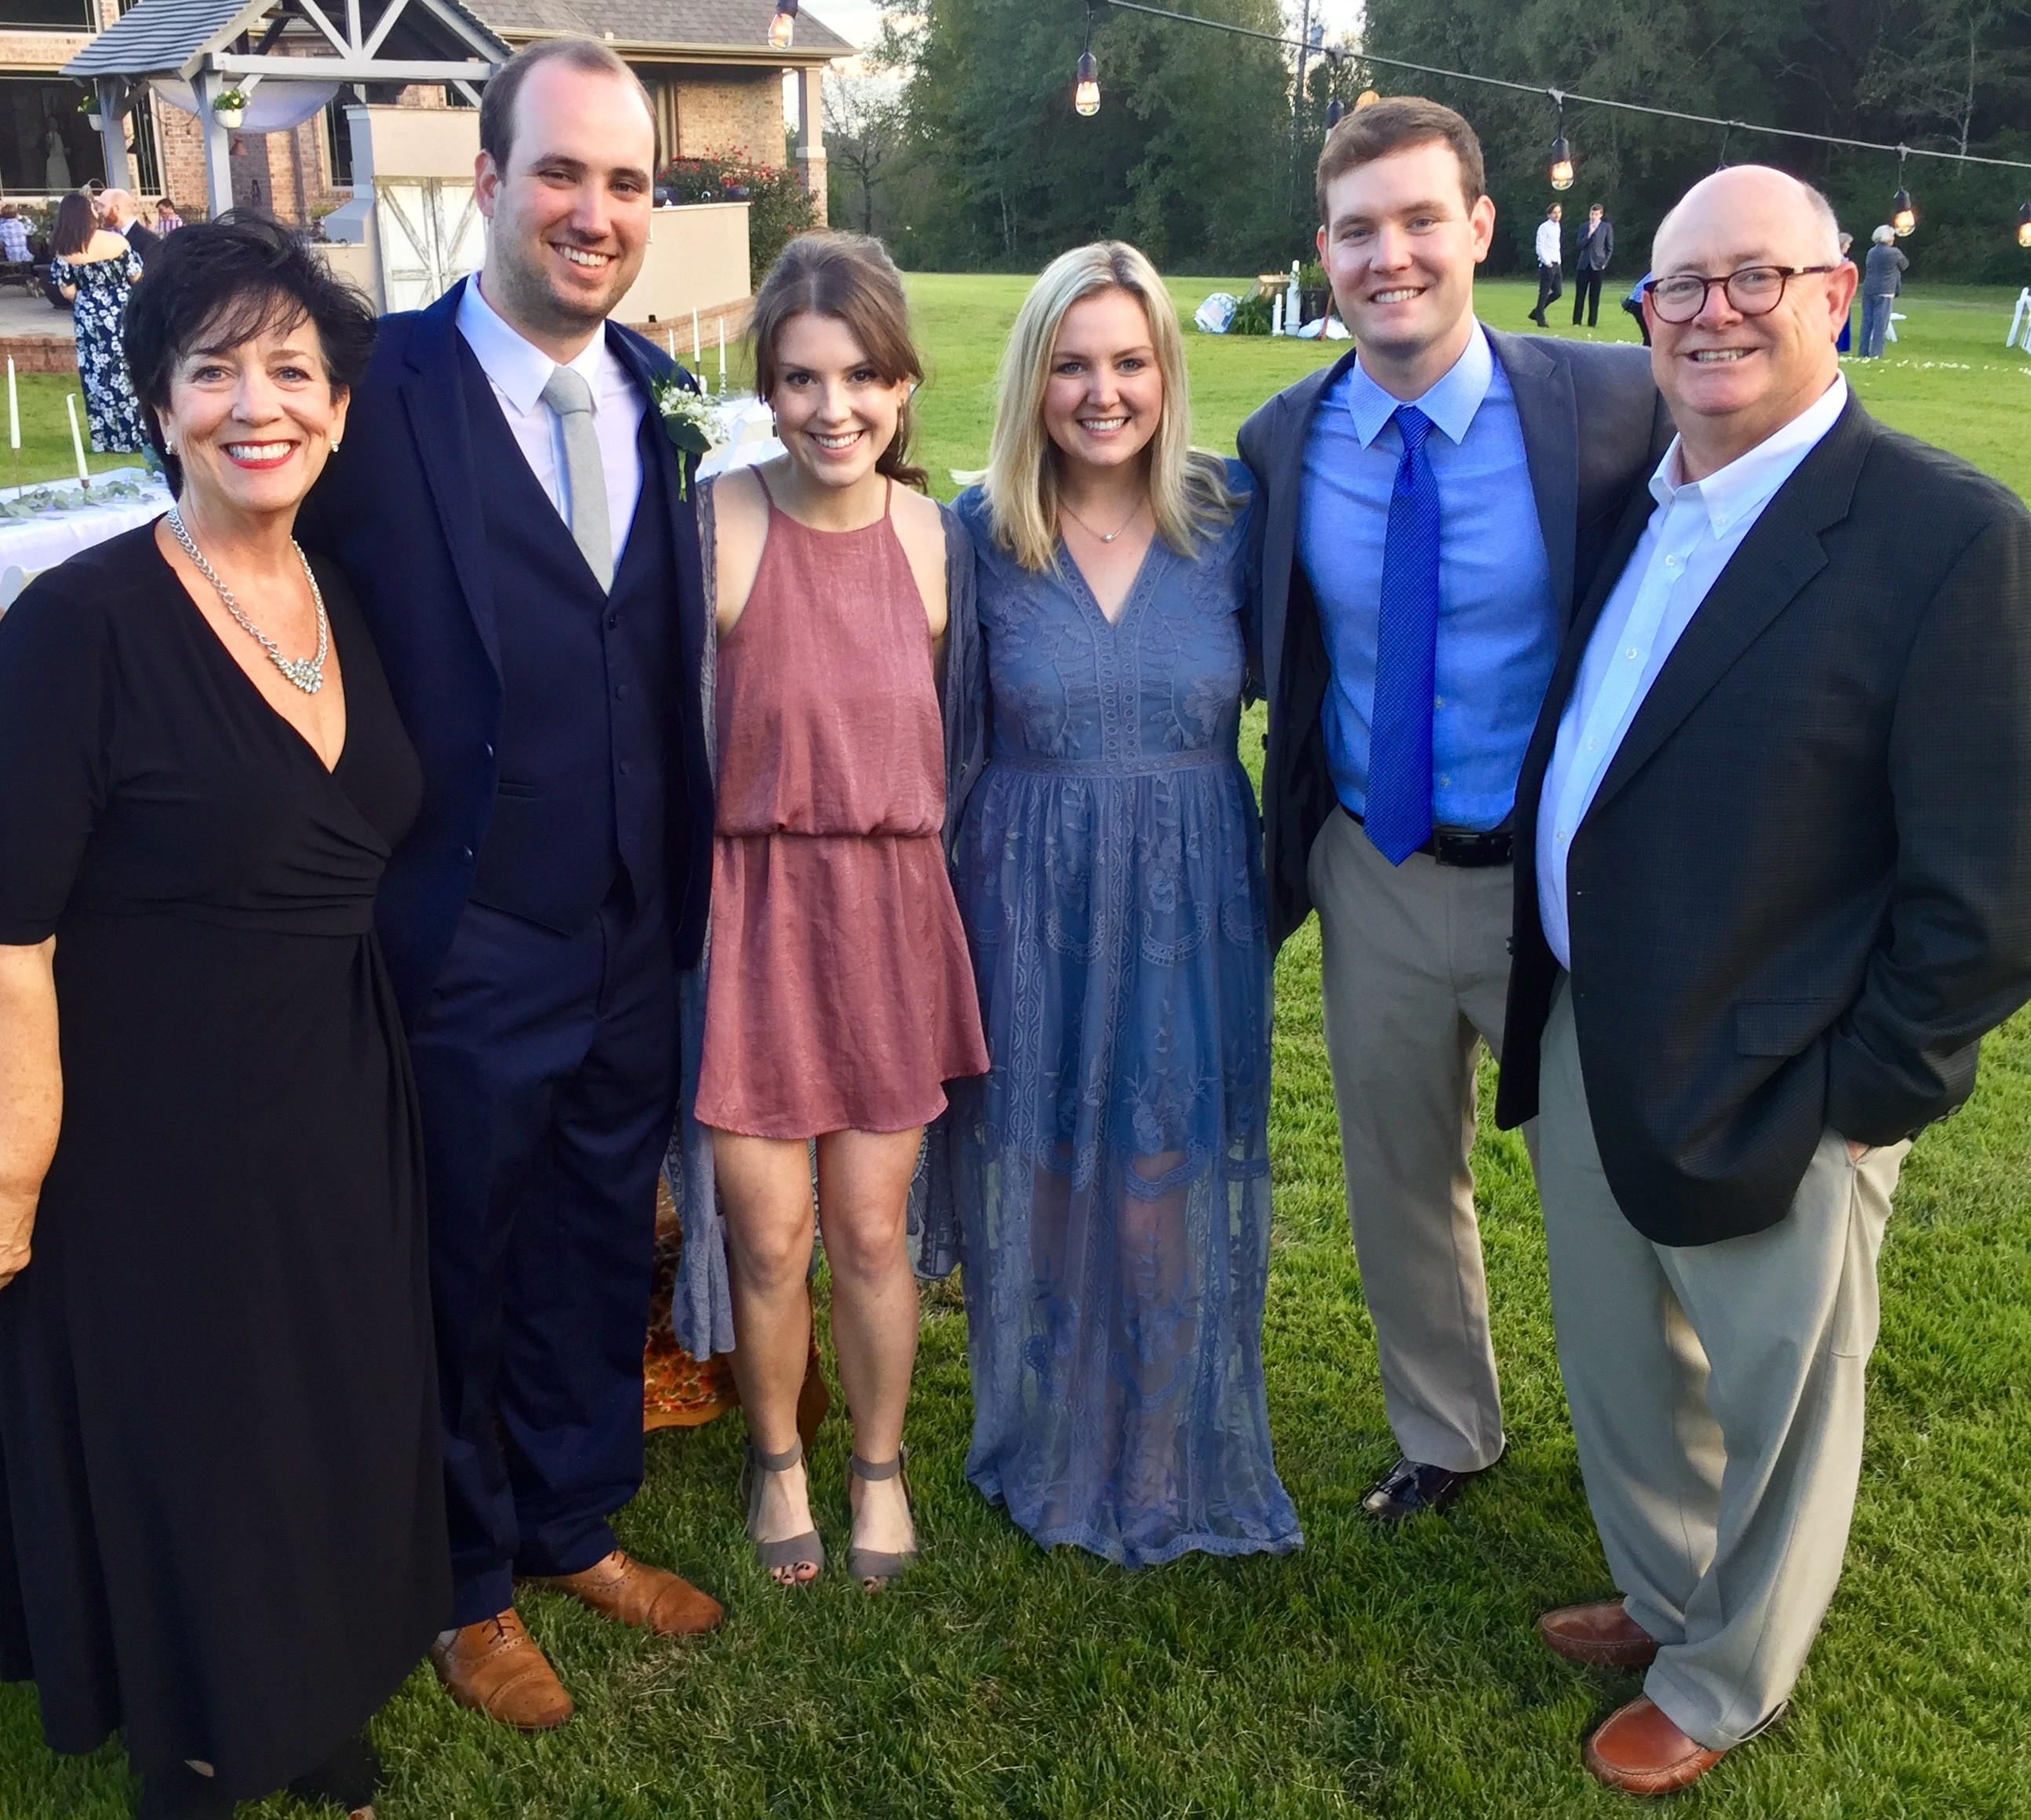 Netherton Family